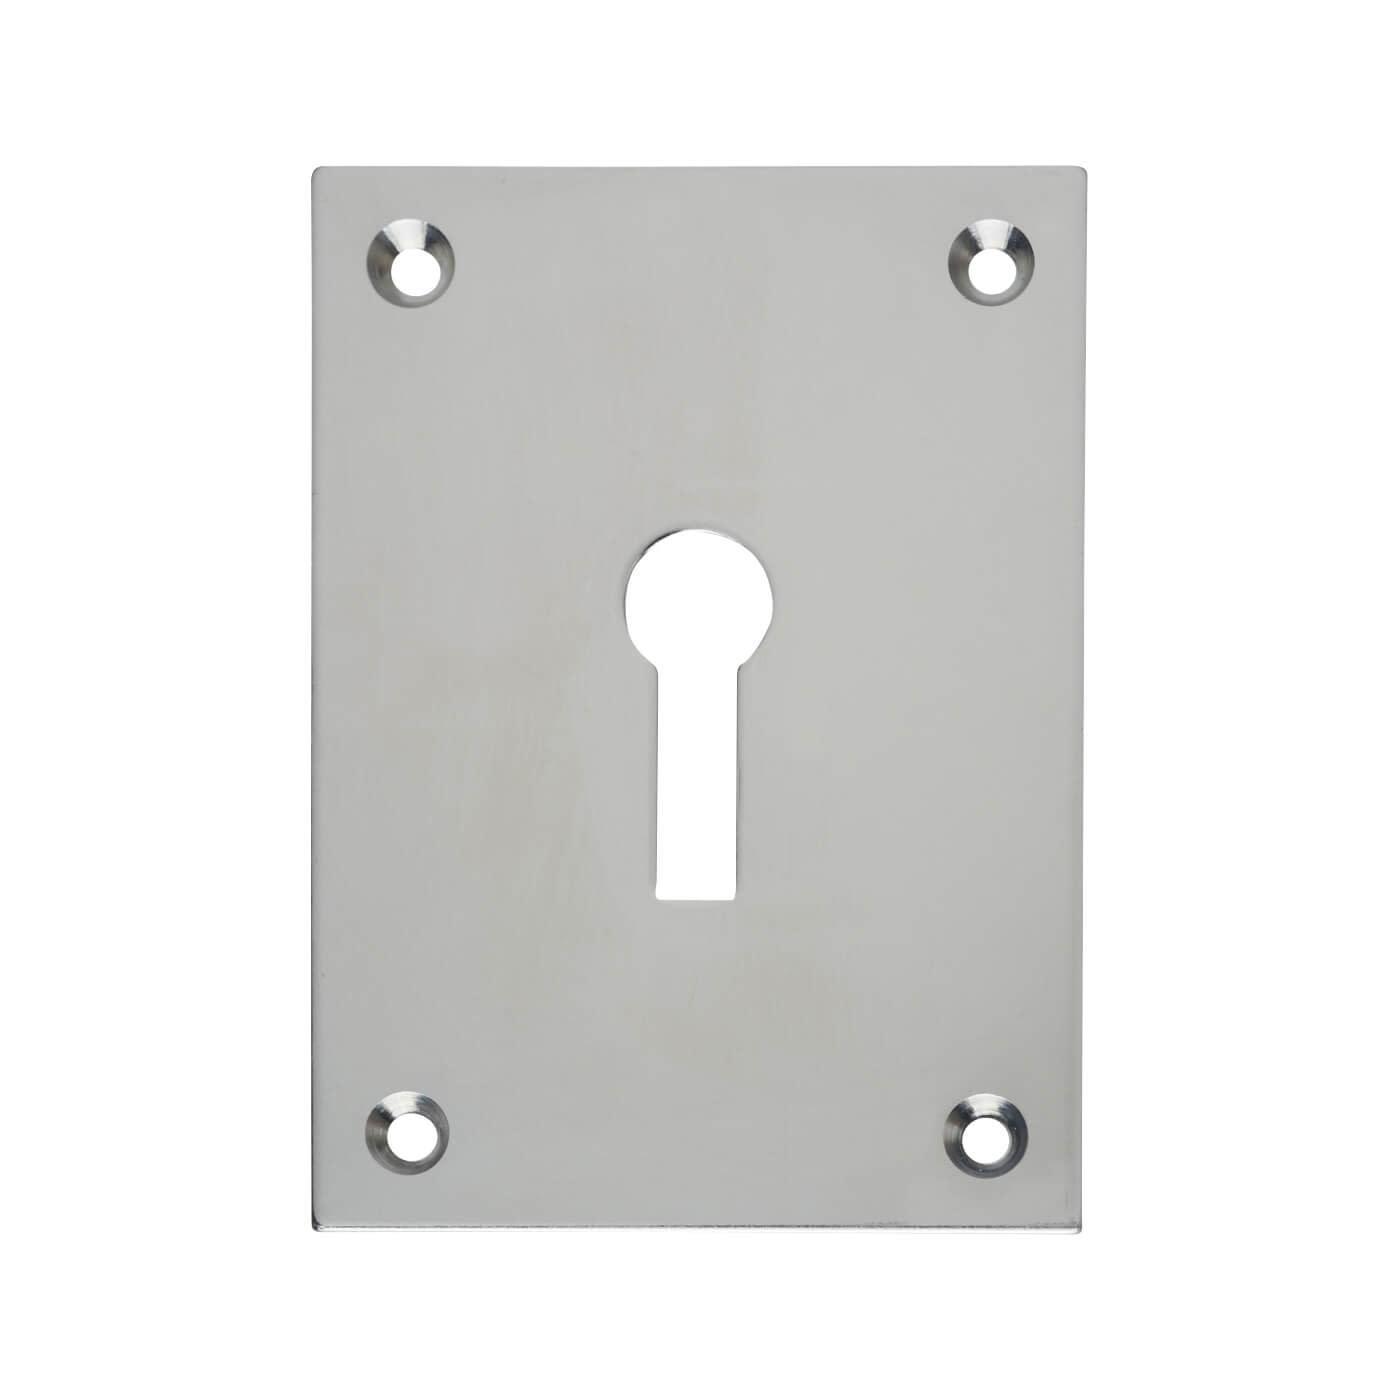 Jumbo Escutcheon - 65.5 x 47.6mm - Keyhole - Polished Chrome)